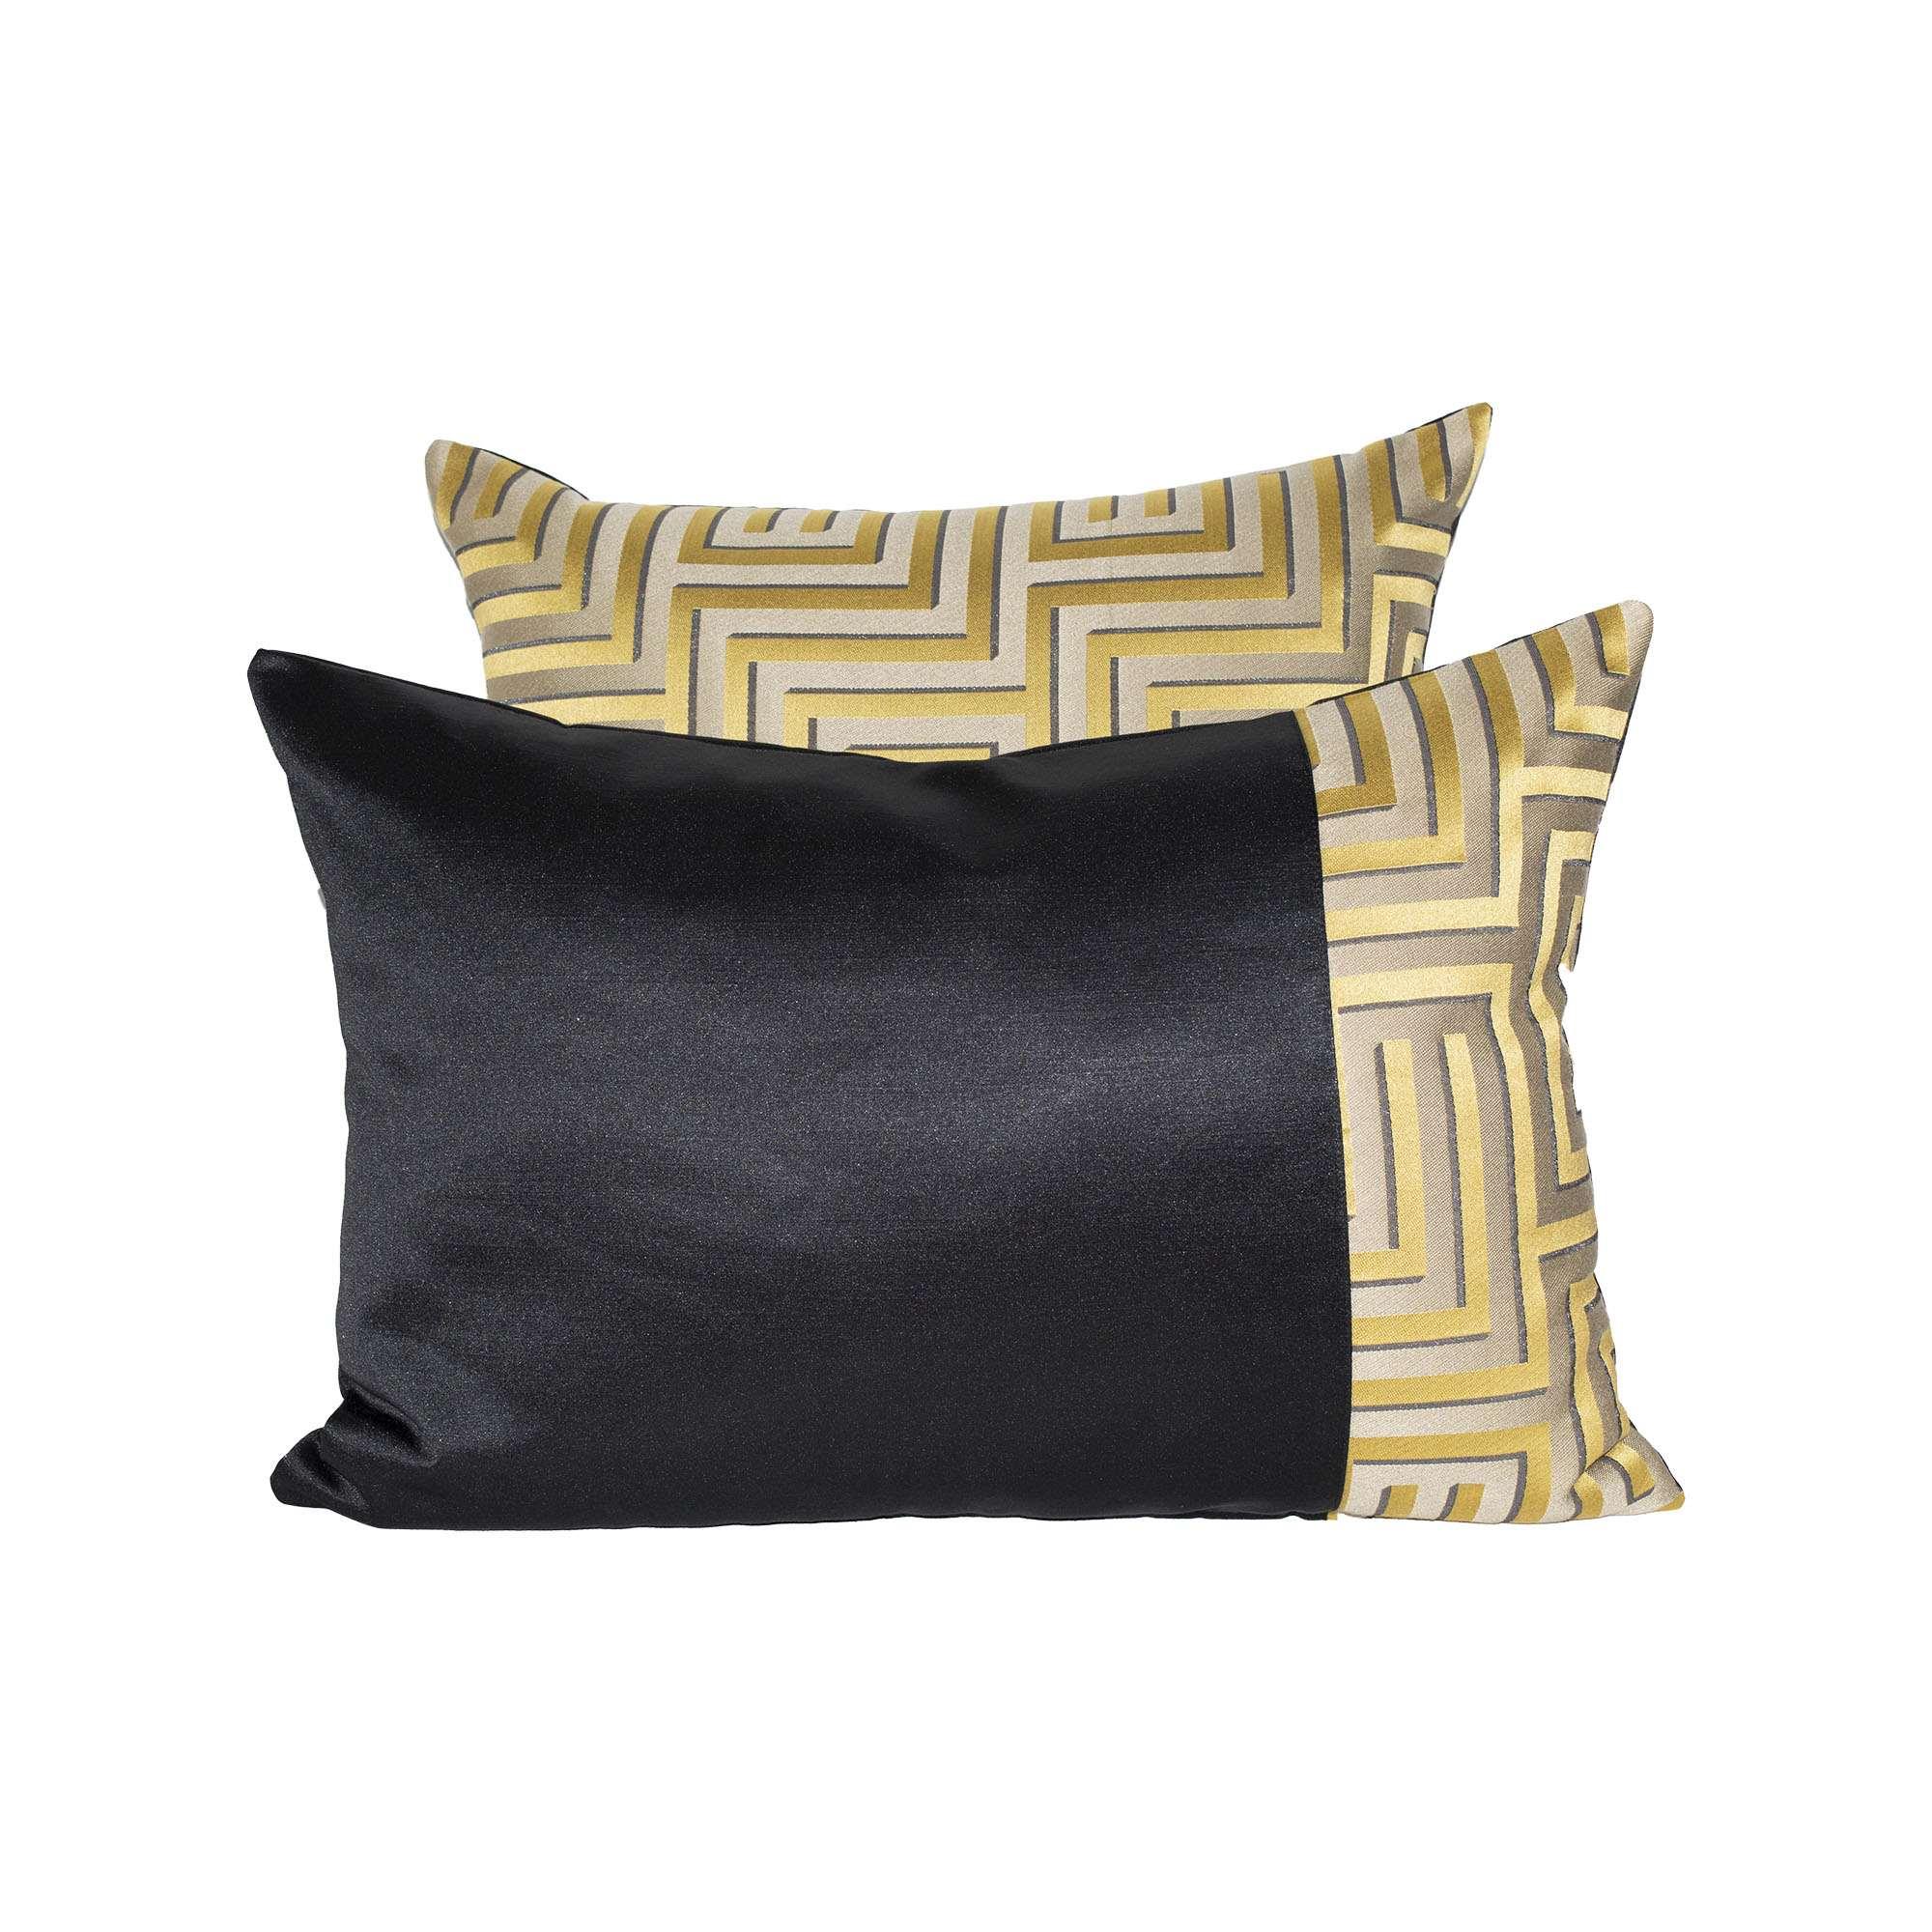 Tovaglia Nera E Oro federa cuscino design geometrico nero e oro   tina codazzo home